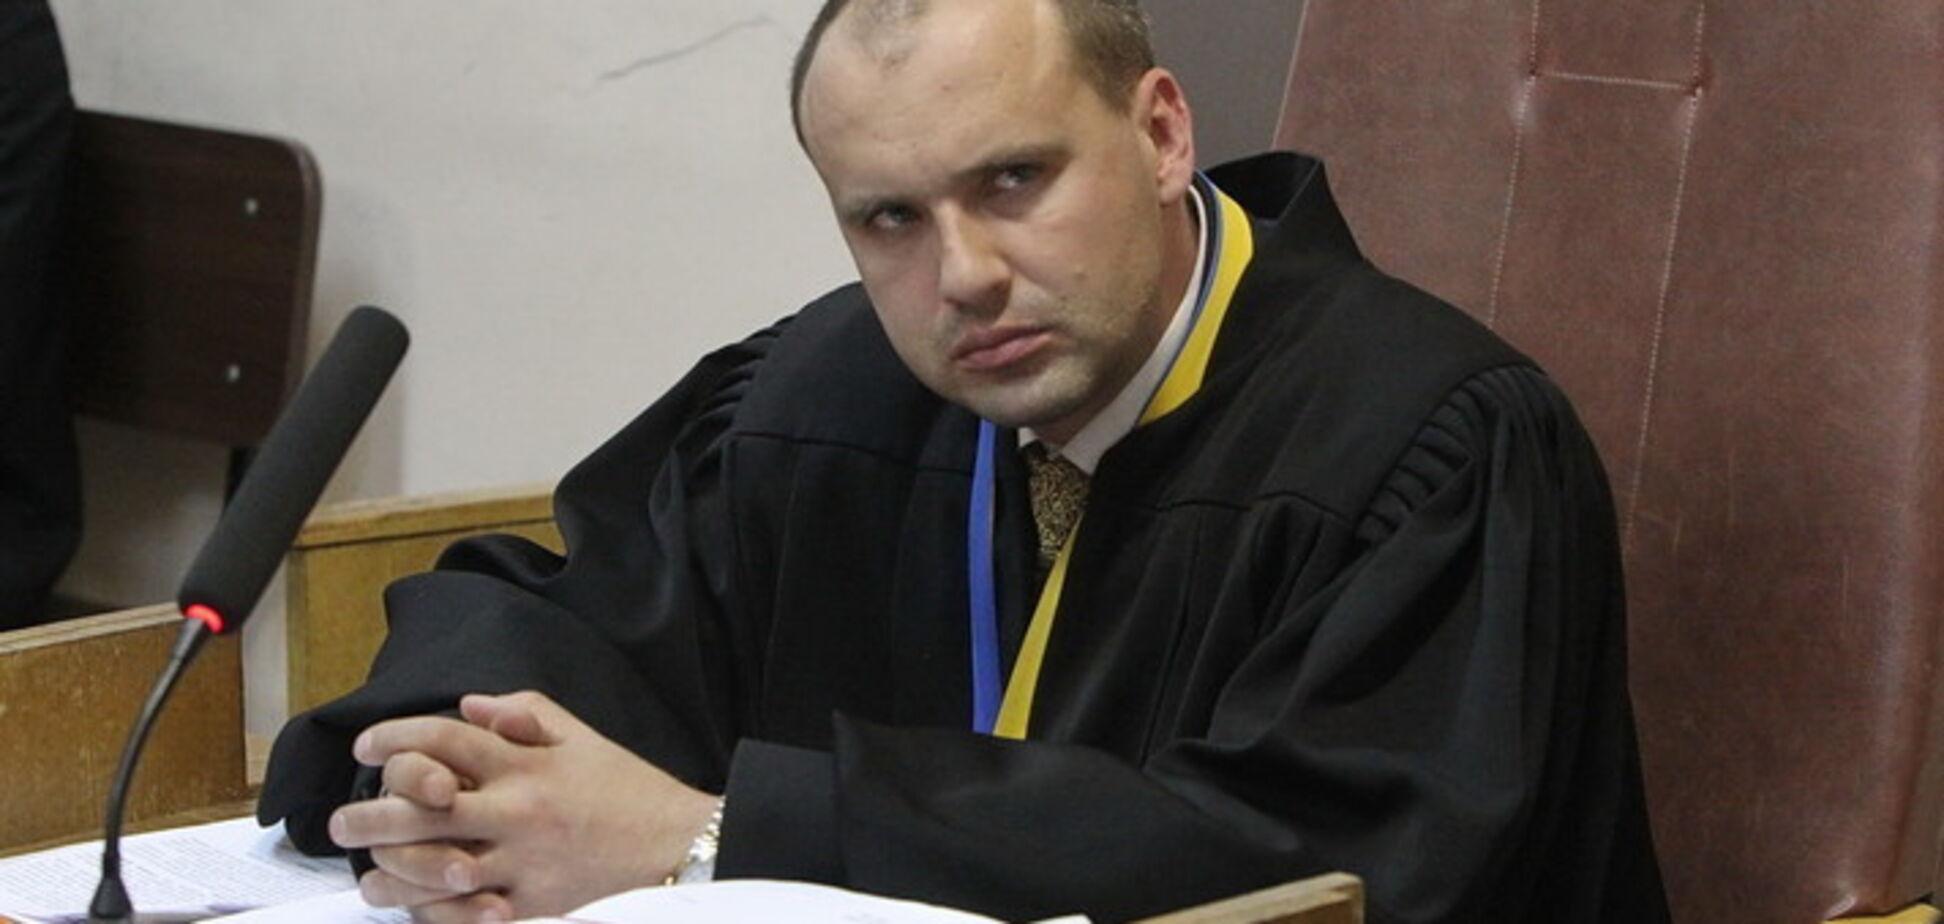 Бесславный Бобровник, или Как убрать 37-летнего судью